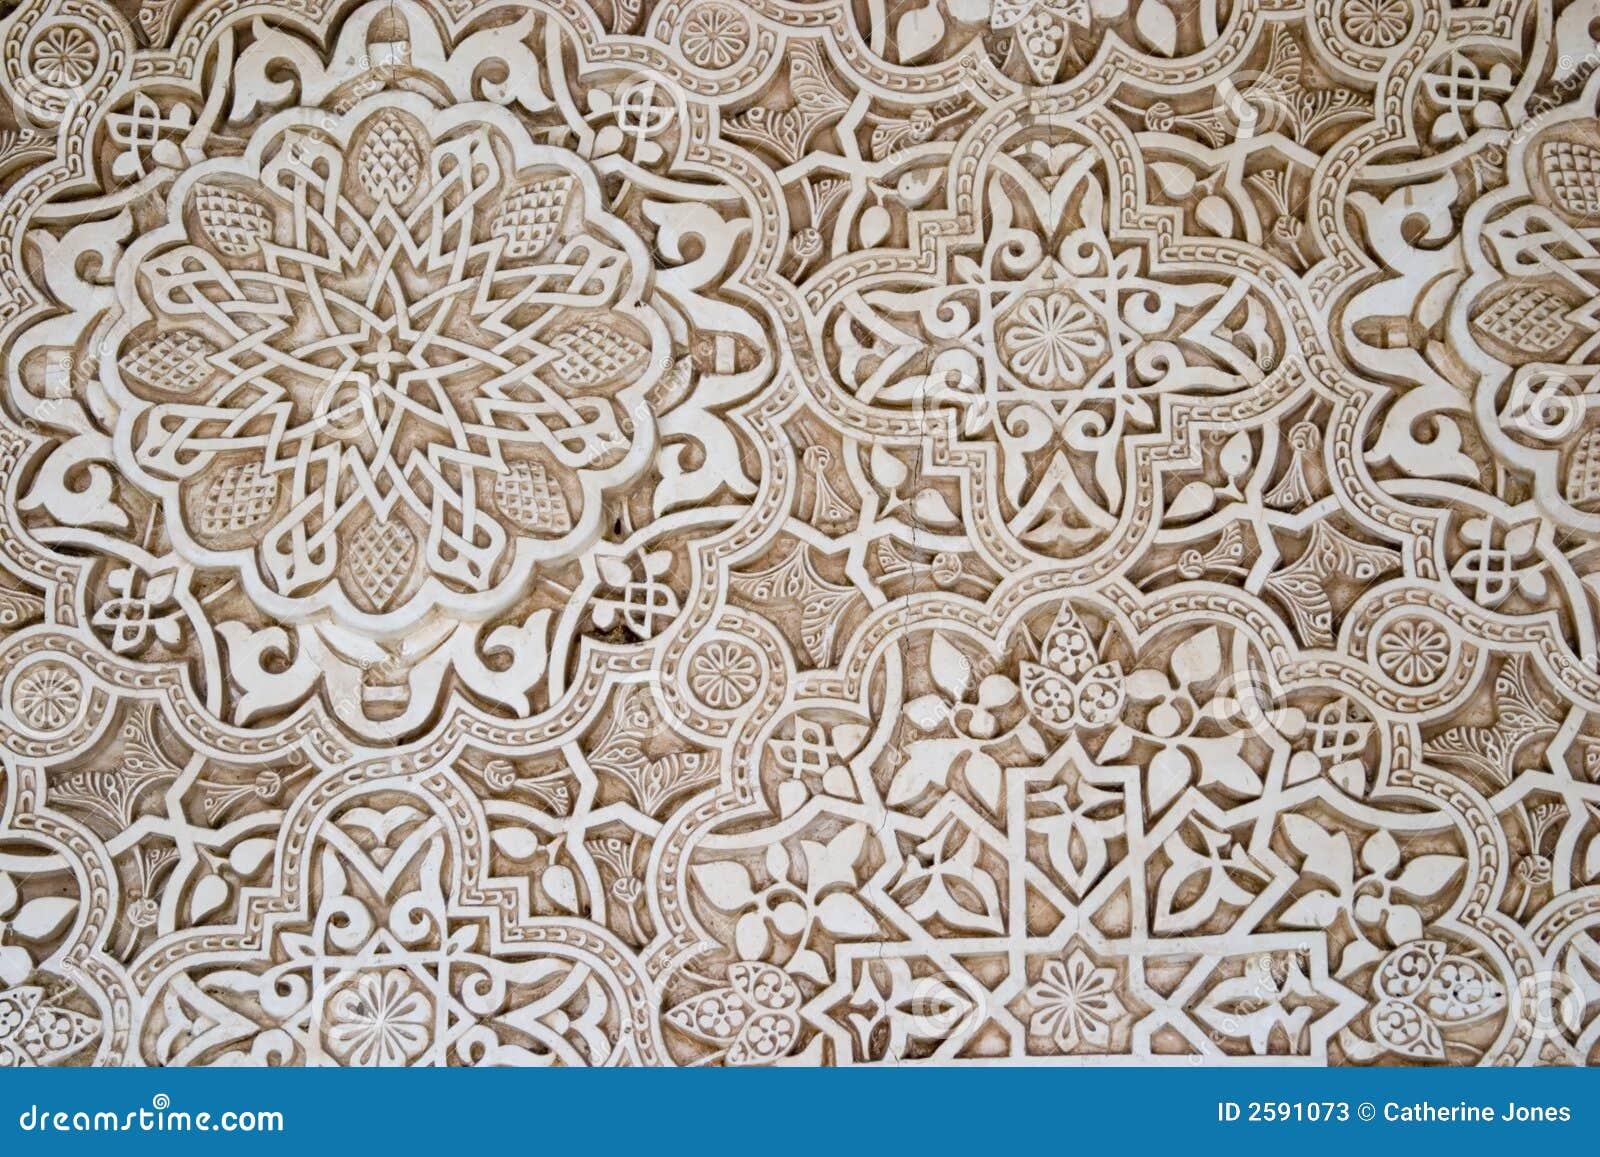 Islamska sztuki architektonicznej